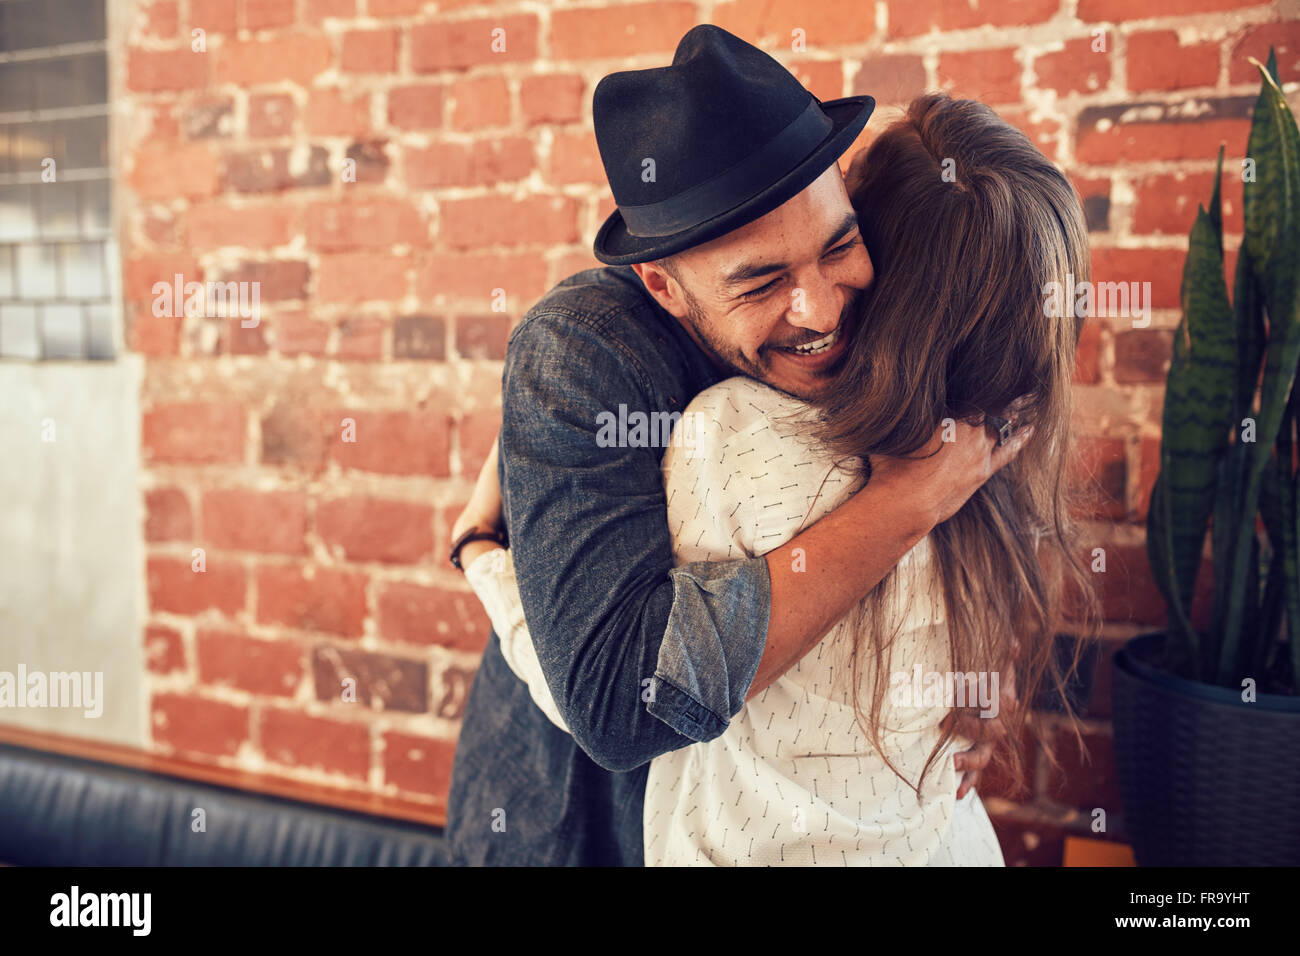 Portrait de jeune homme embrassant sa petite amie au café. Jeune homme serrant une femme dans un café. Photo Stock